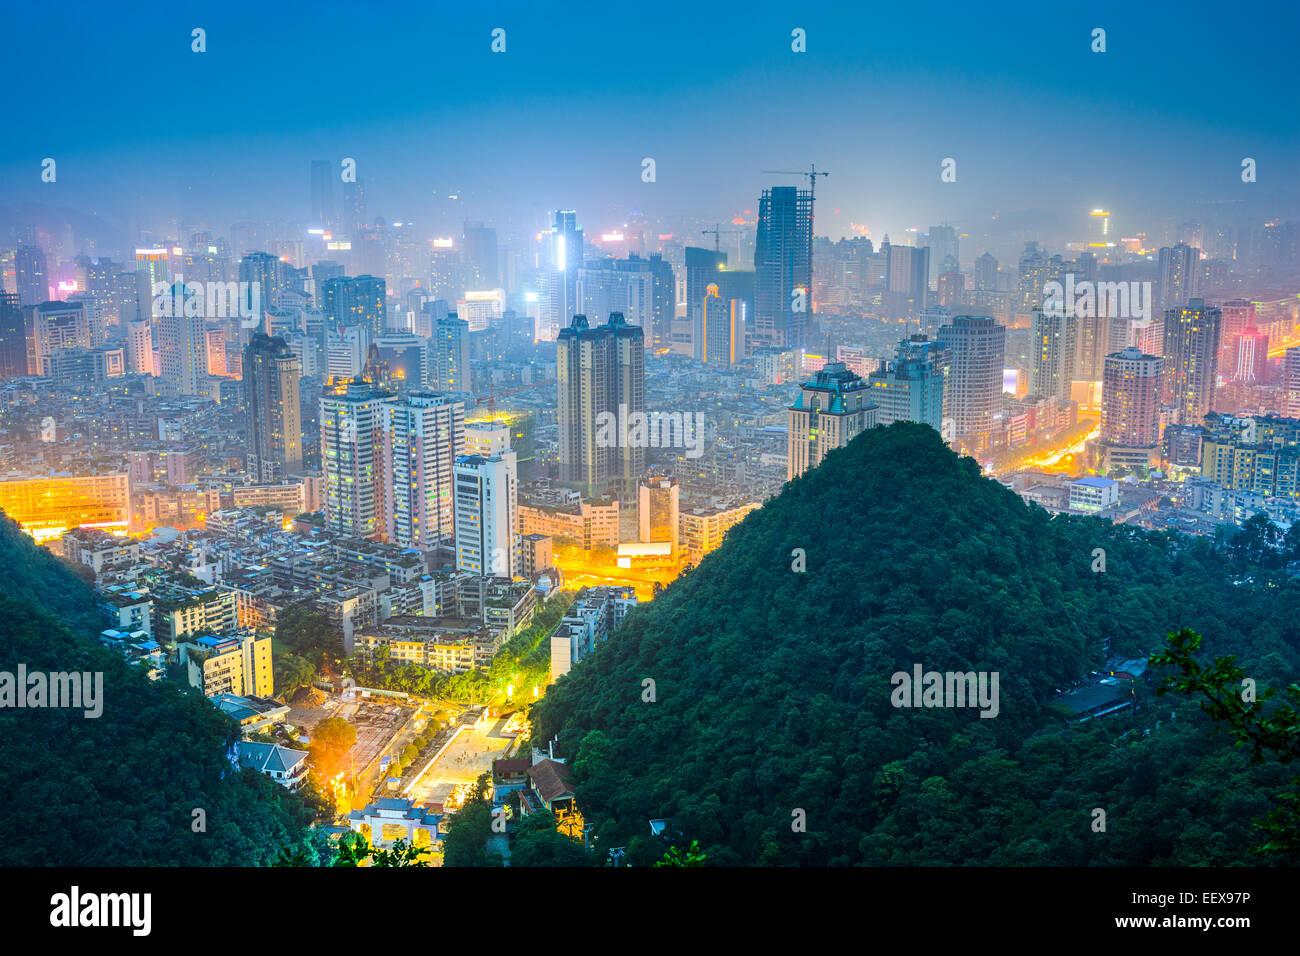 Capital City Of China Stock Photos & Capital City Of China